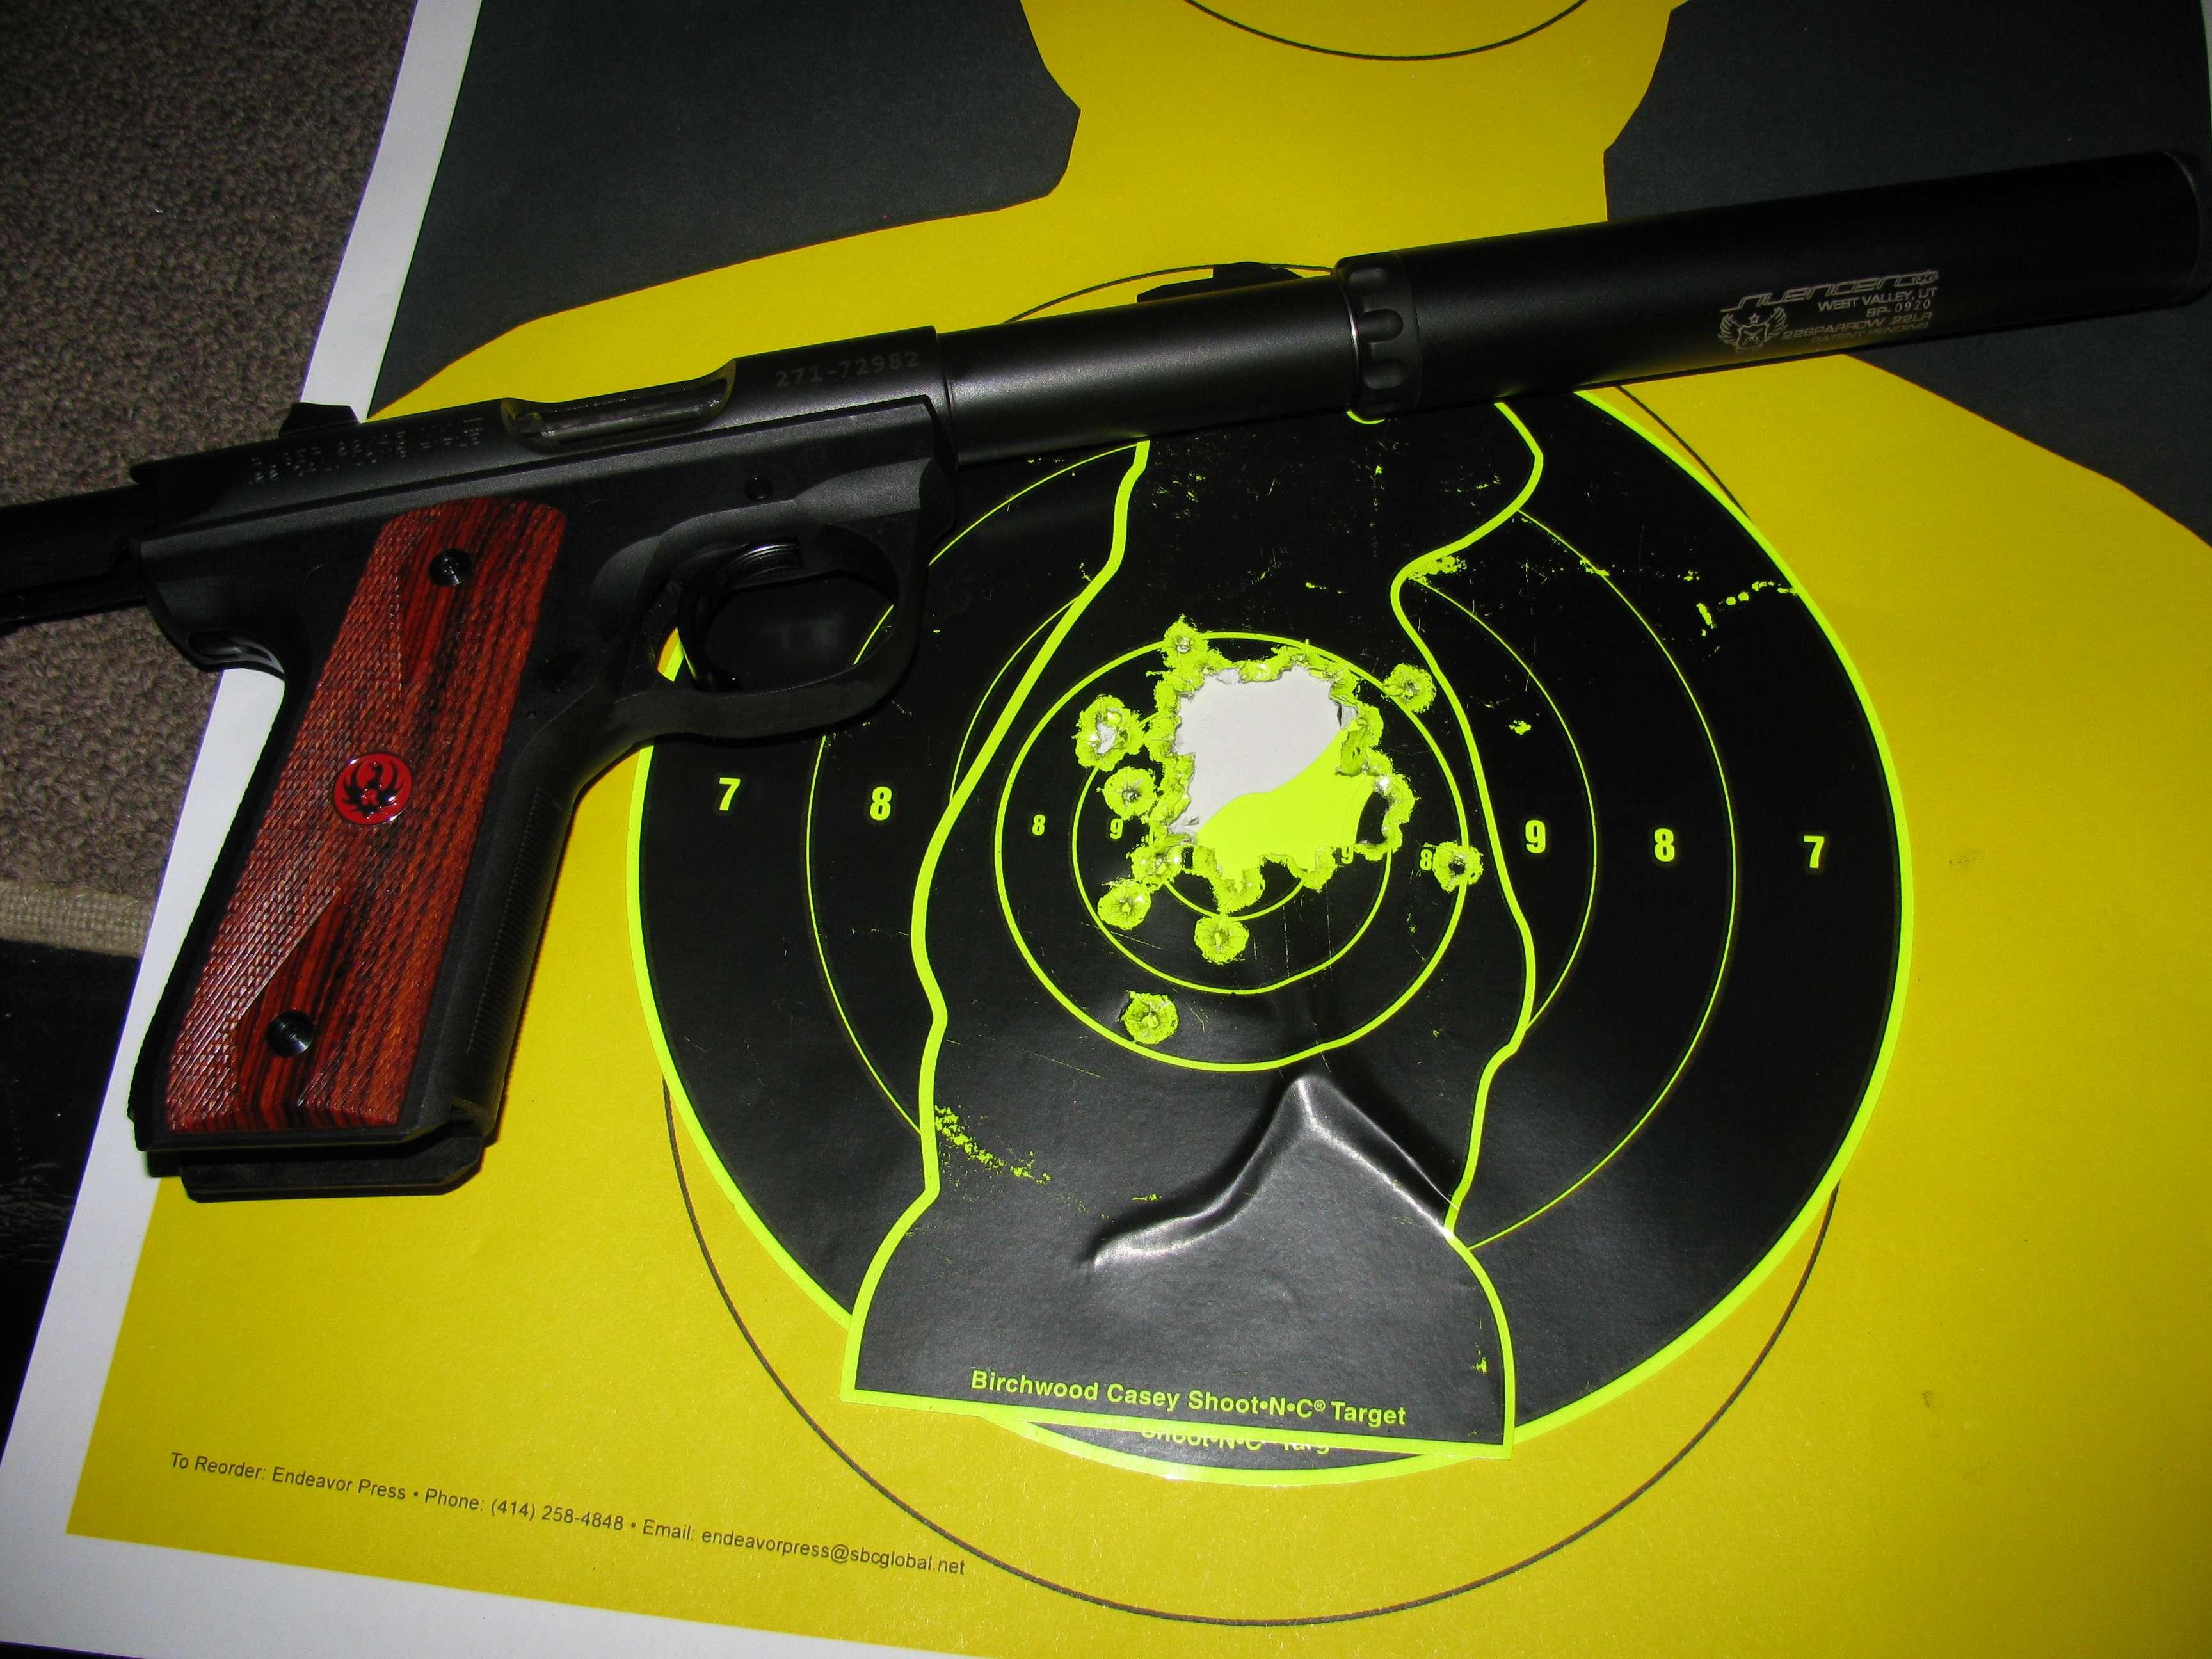 Show off your favorite rimfire plinking handgun? - General Handgun Discussion